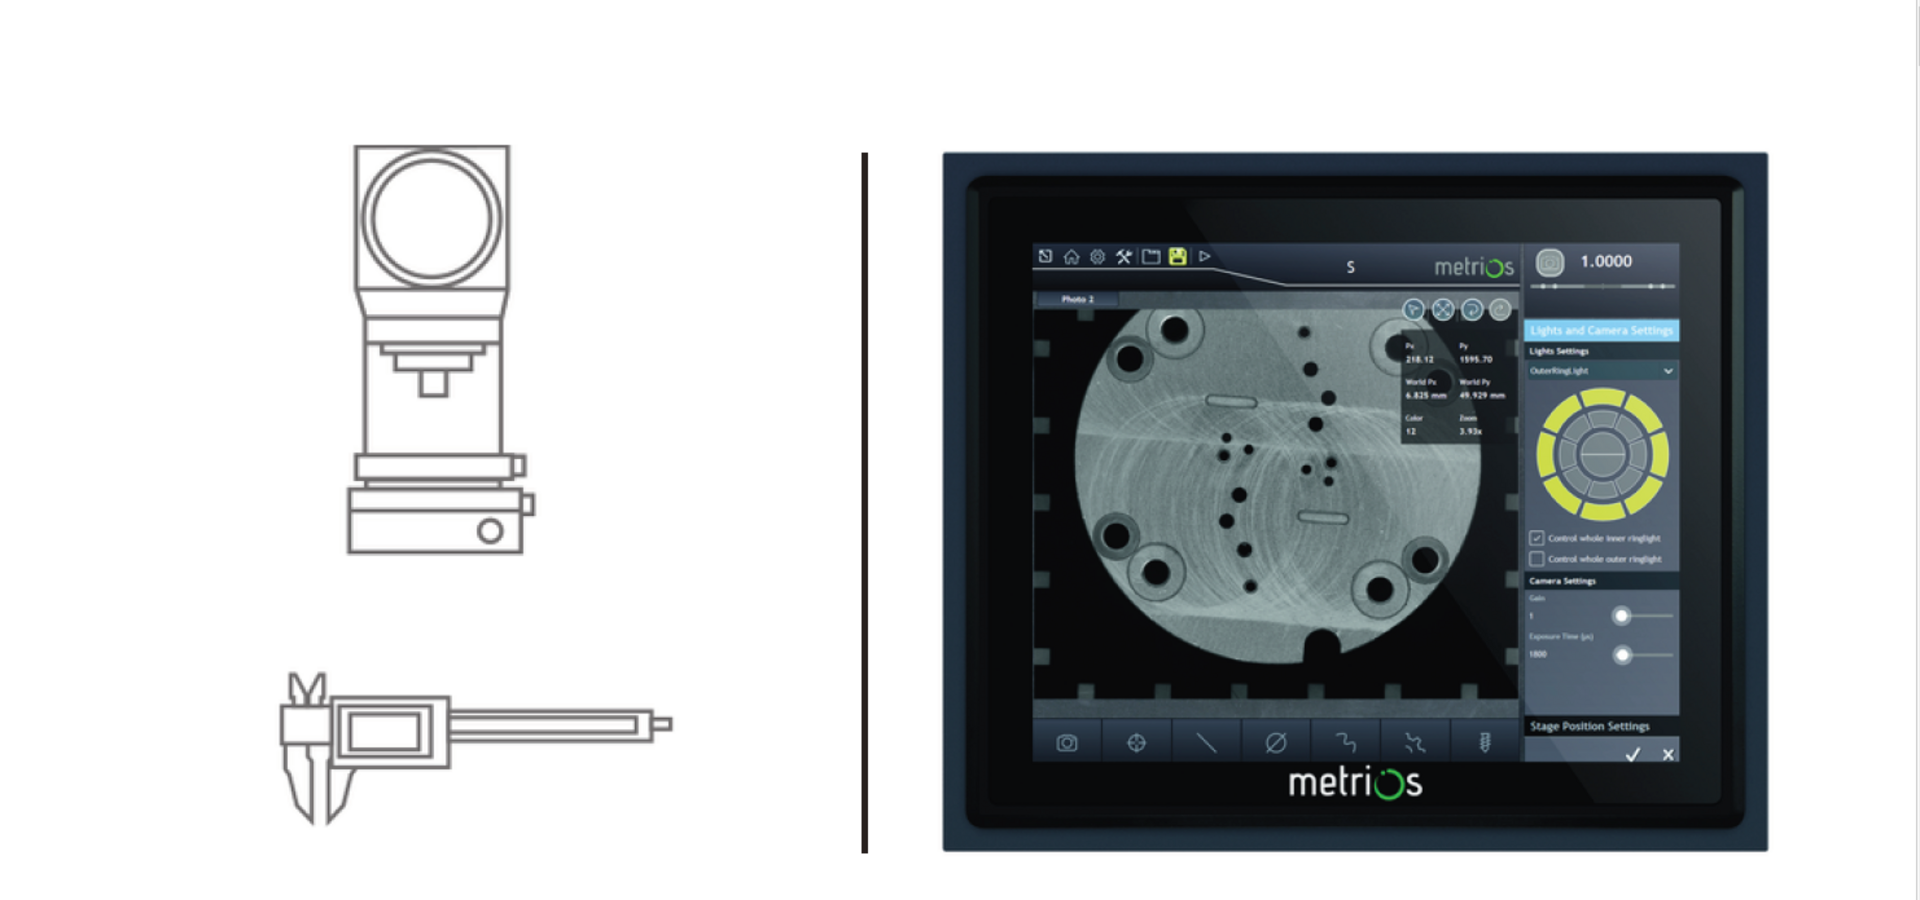 metrios es sistemas-tradicionales-y-maquinas-opticas-en-comparacion 003